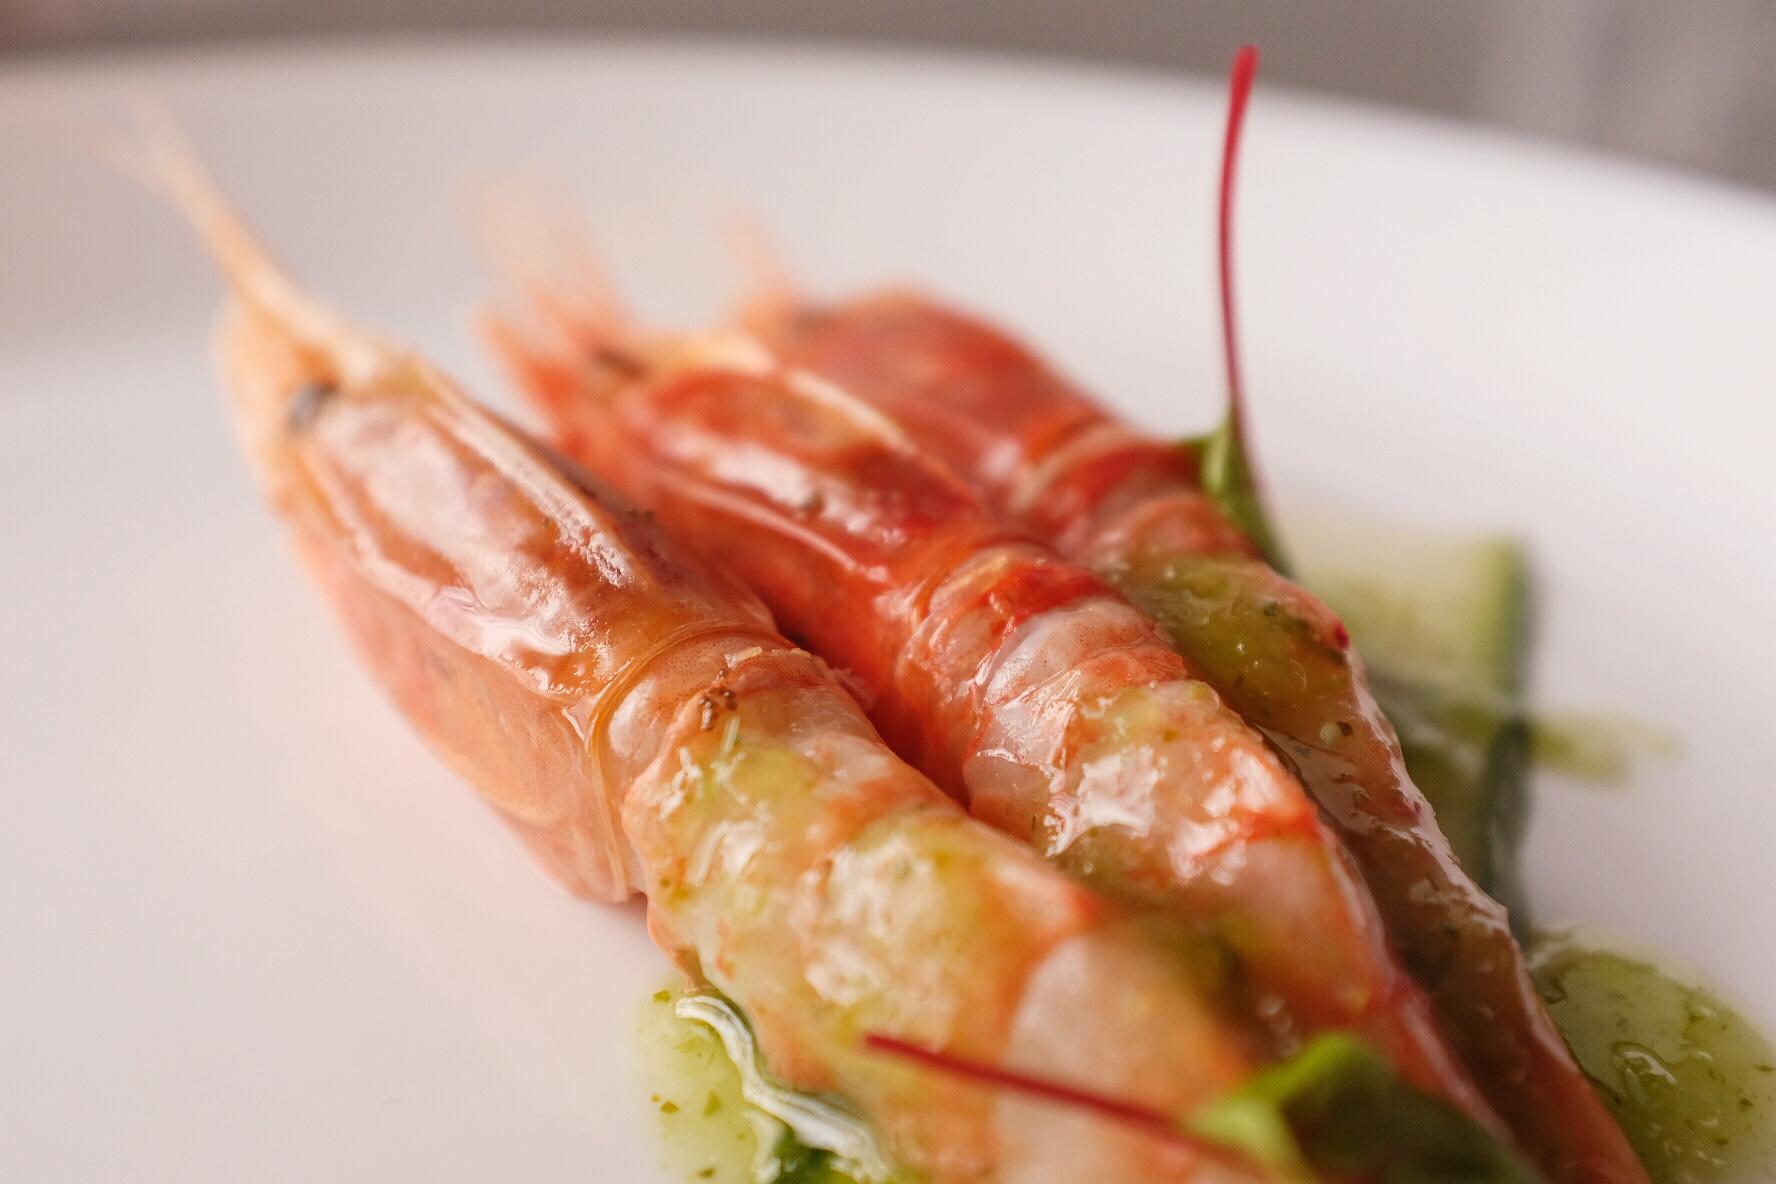 Raw Amaebi prawns with green chilli